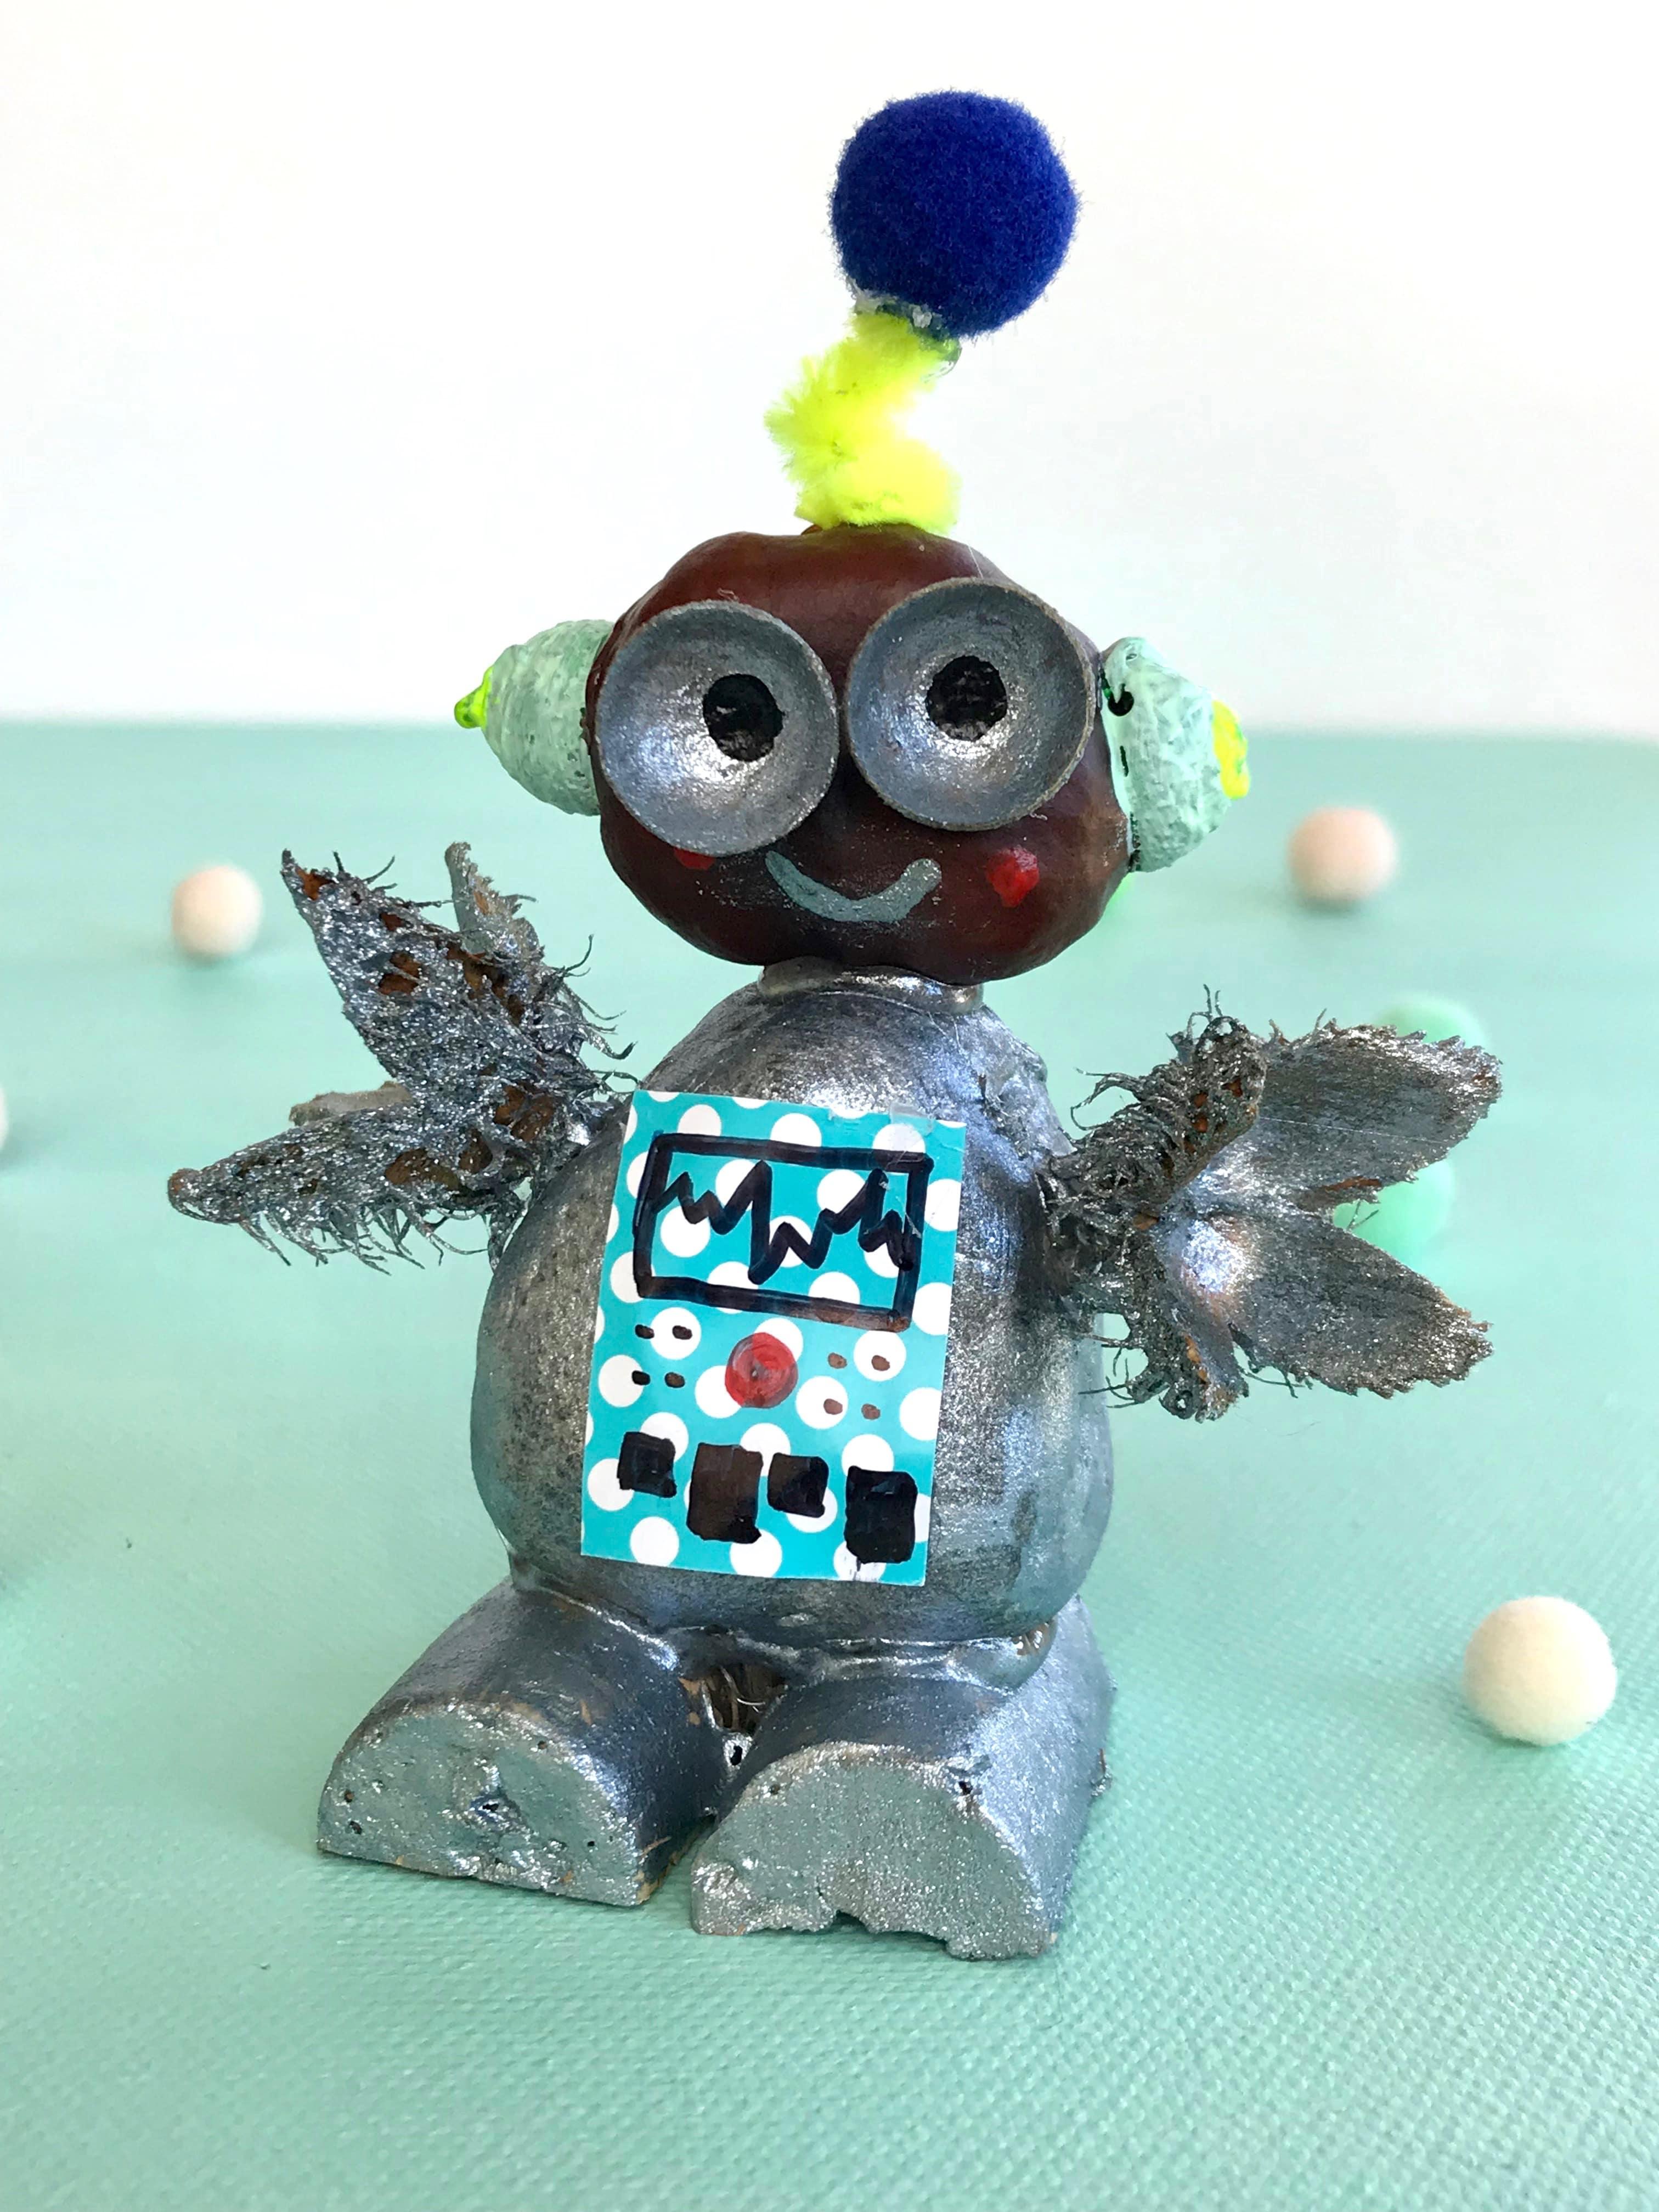 DIY Robotor aus Naturmaterialien basteln, Kastanienfigur